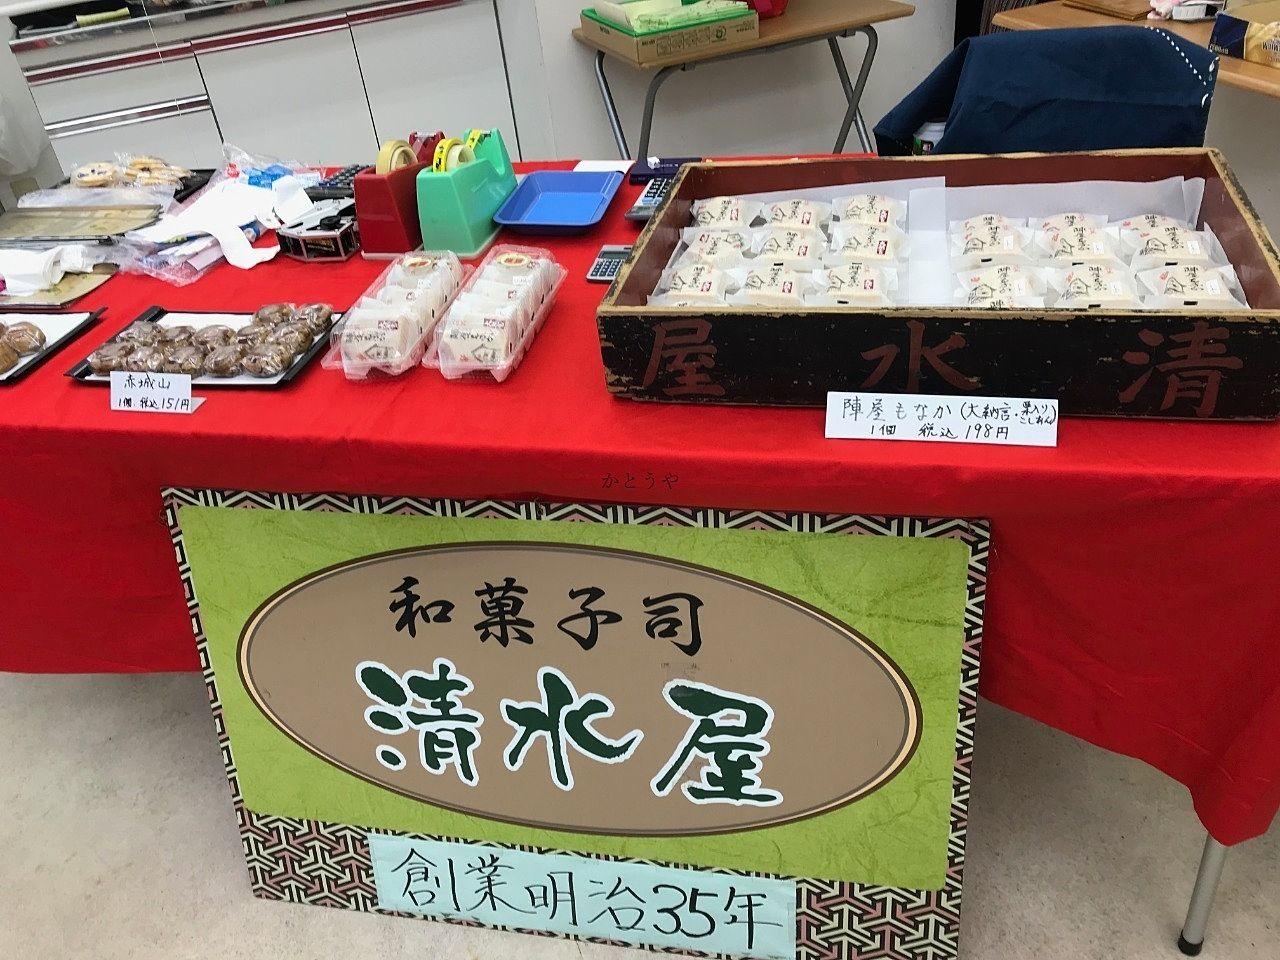 江戸川台東口商店街に出店された清水屋さんのお菓子です。